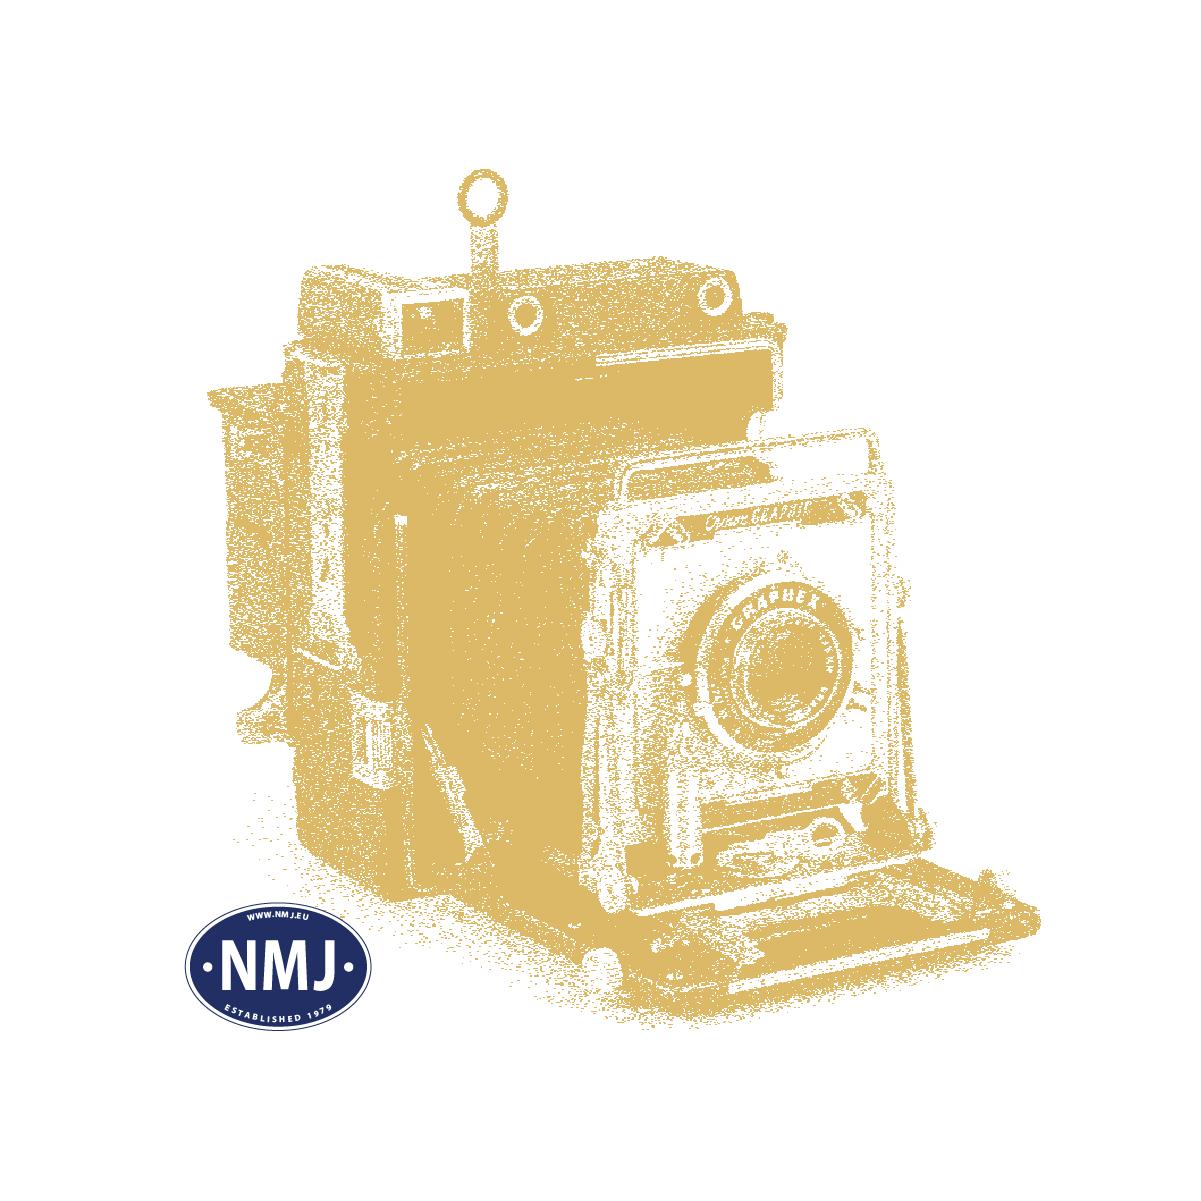 NMJT502.107 - NMJ Topline NSB Stakevogn Kbps 21 76 335 3 871-5